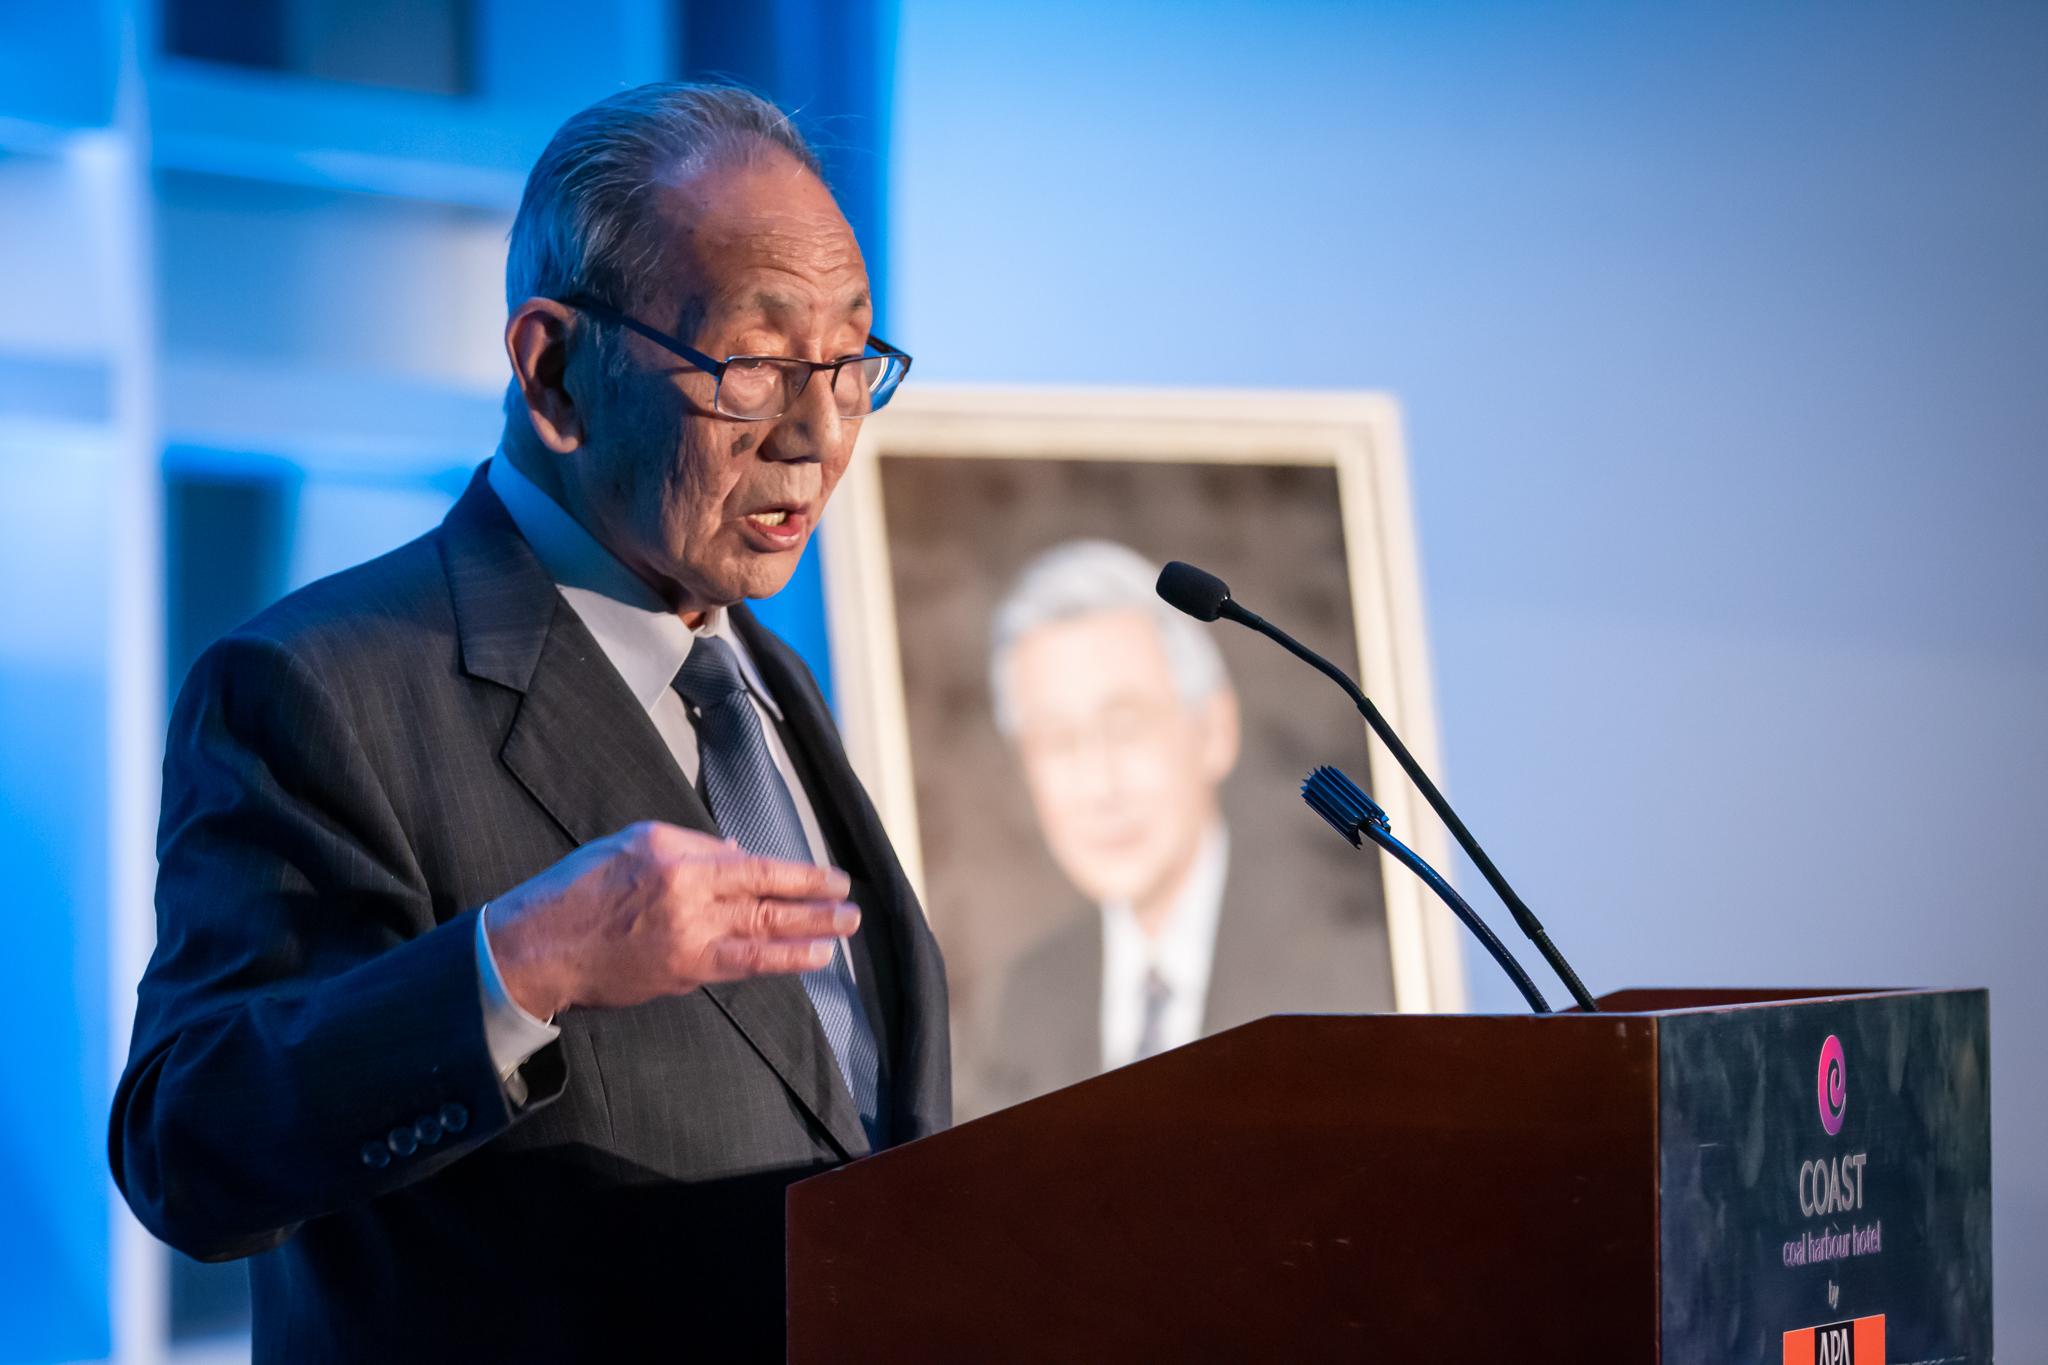 Gordon Kadota speaks candidly about Shig Hirai